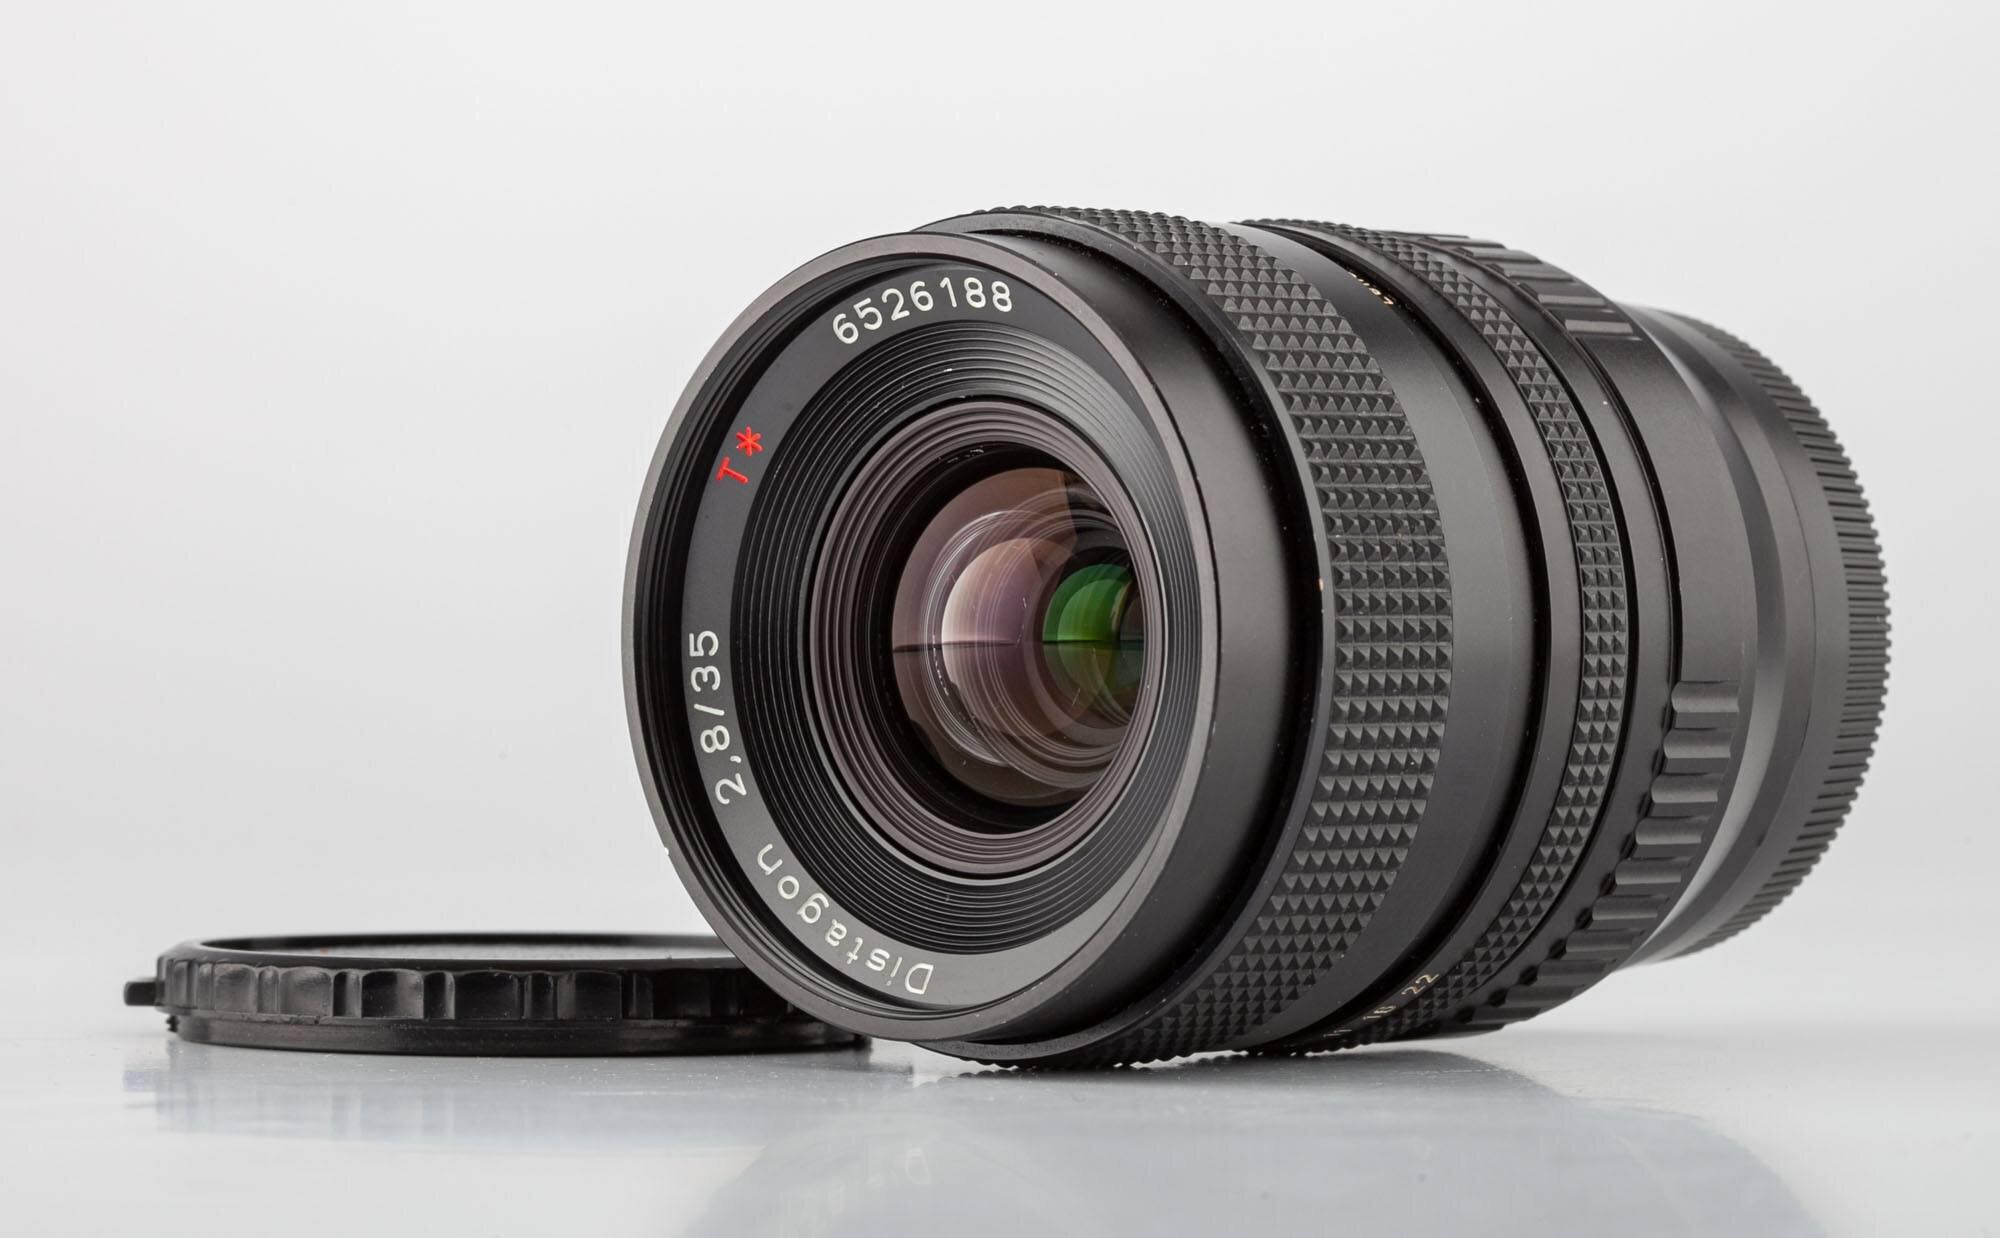 Carl Zeiss Distagon 2,8/35mm T* + Adapter für C/Y- FX